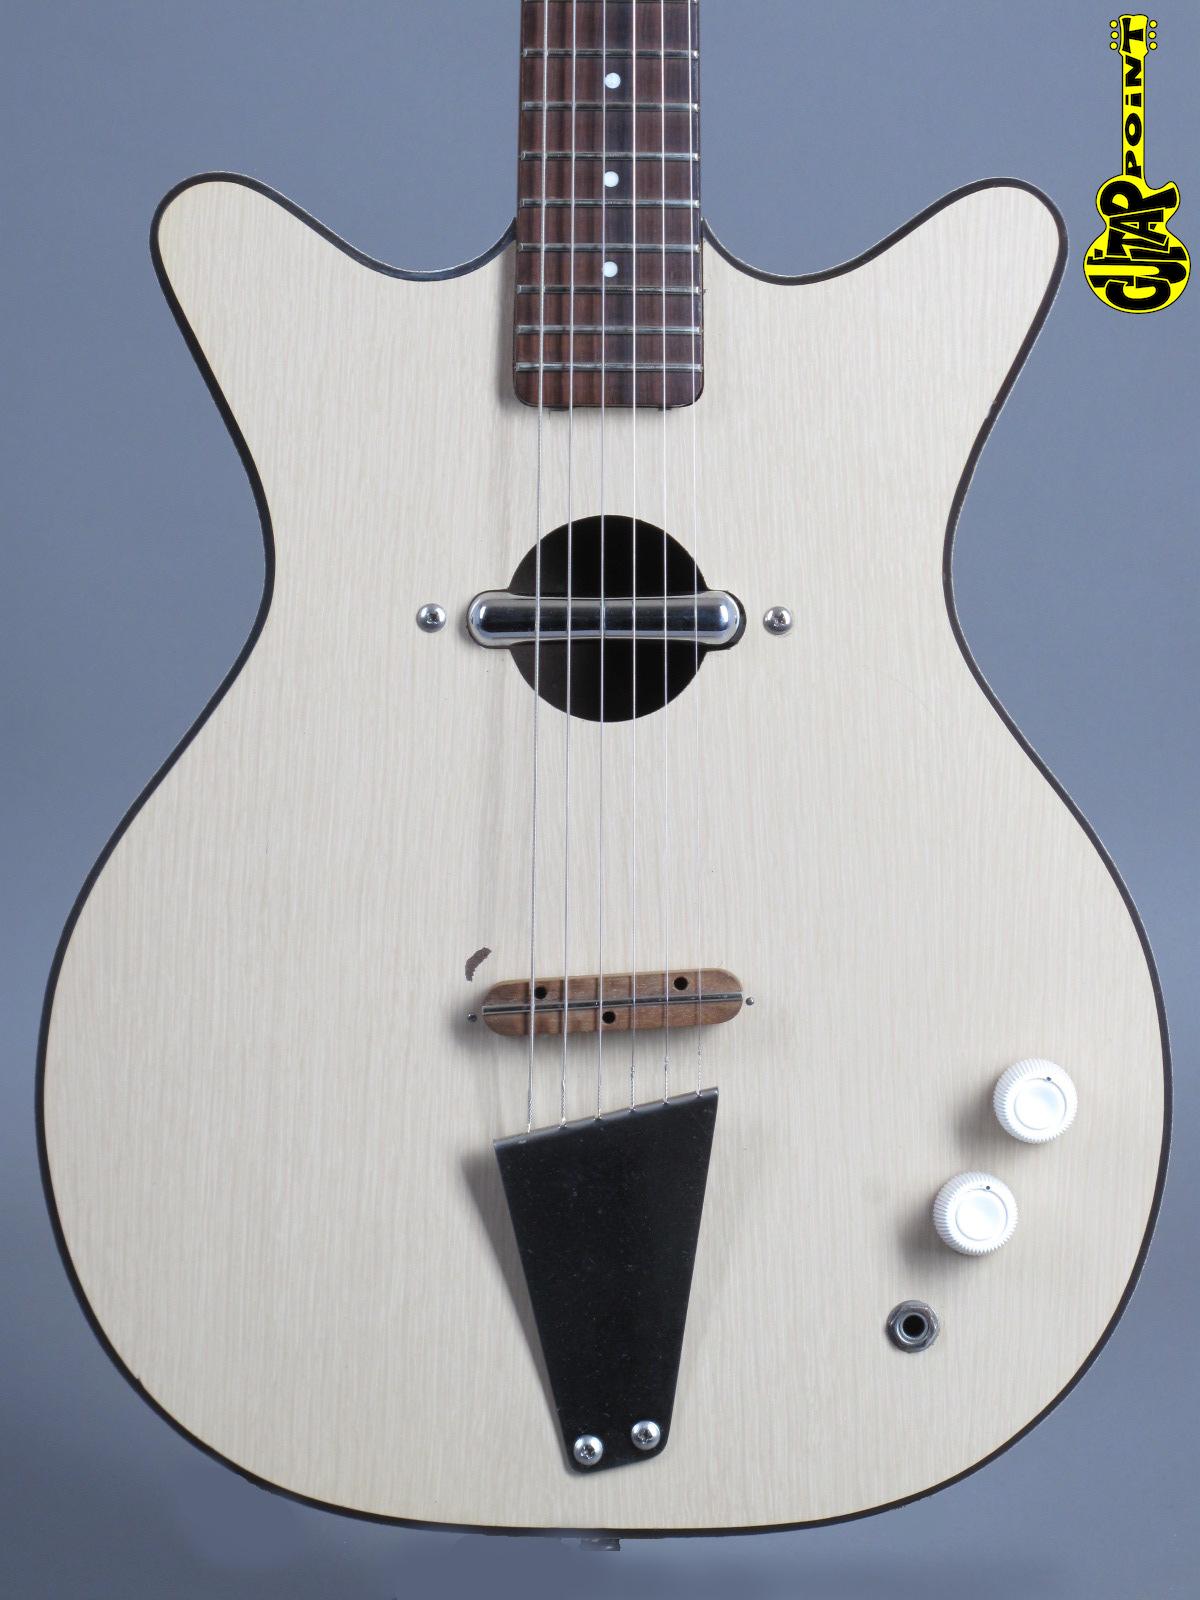 1966 Danelectro Convertible - White